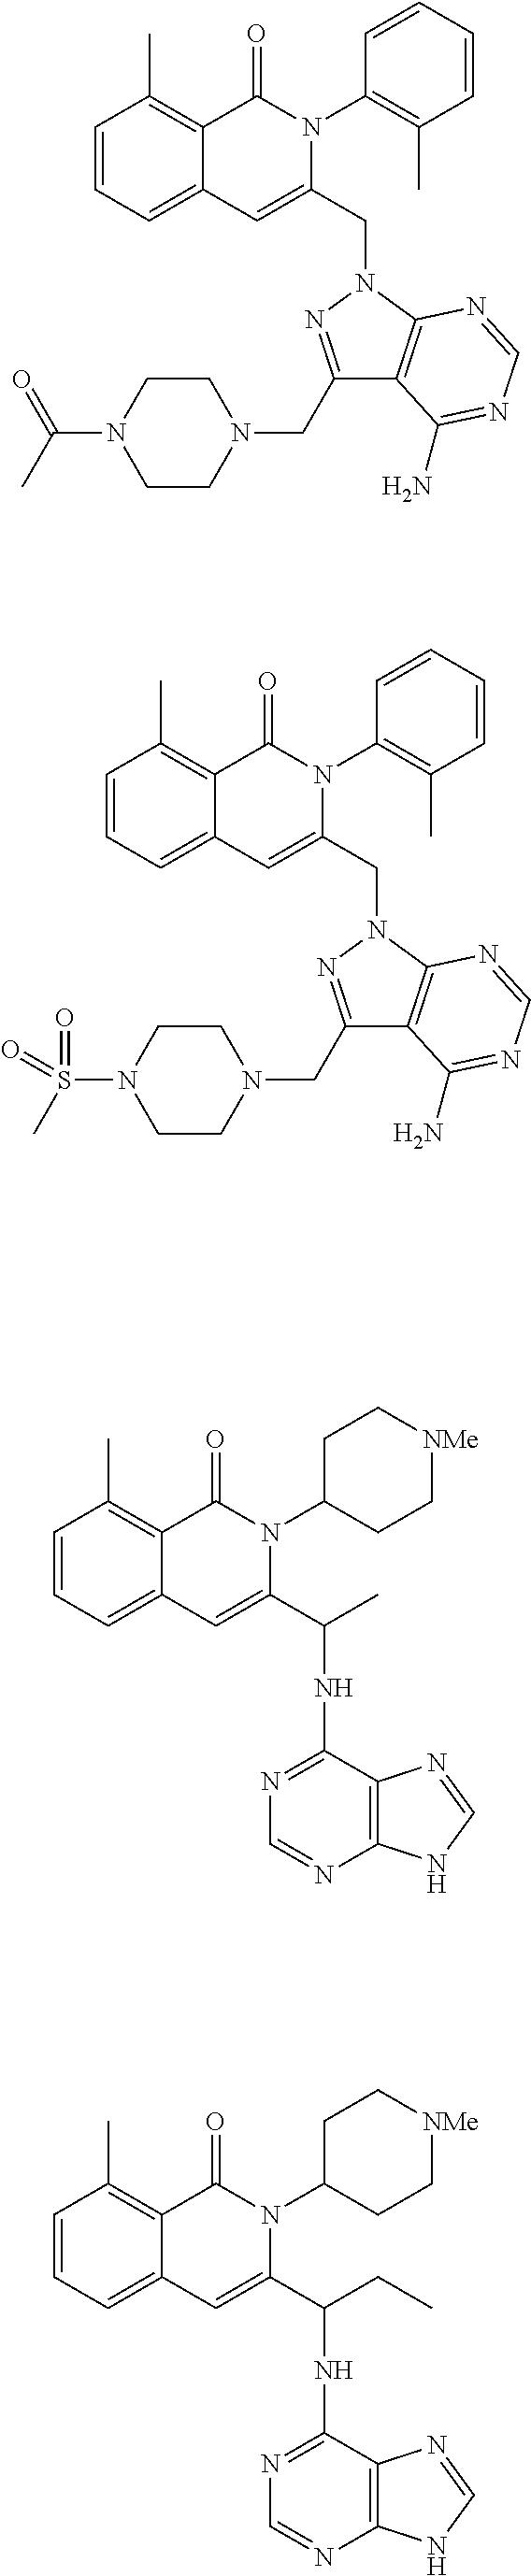 Figure US20110046165A1-20110224-C00334